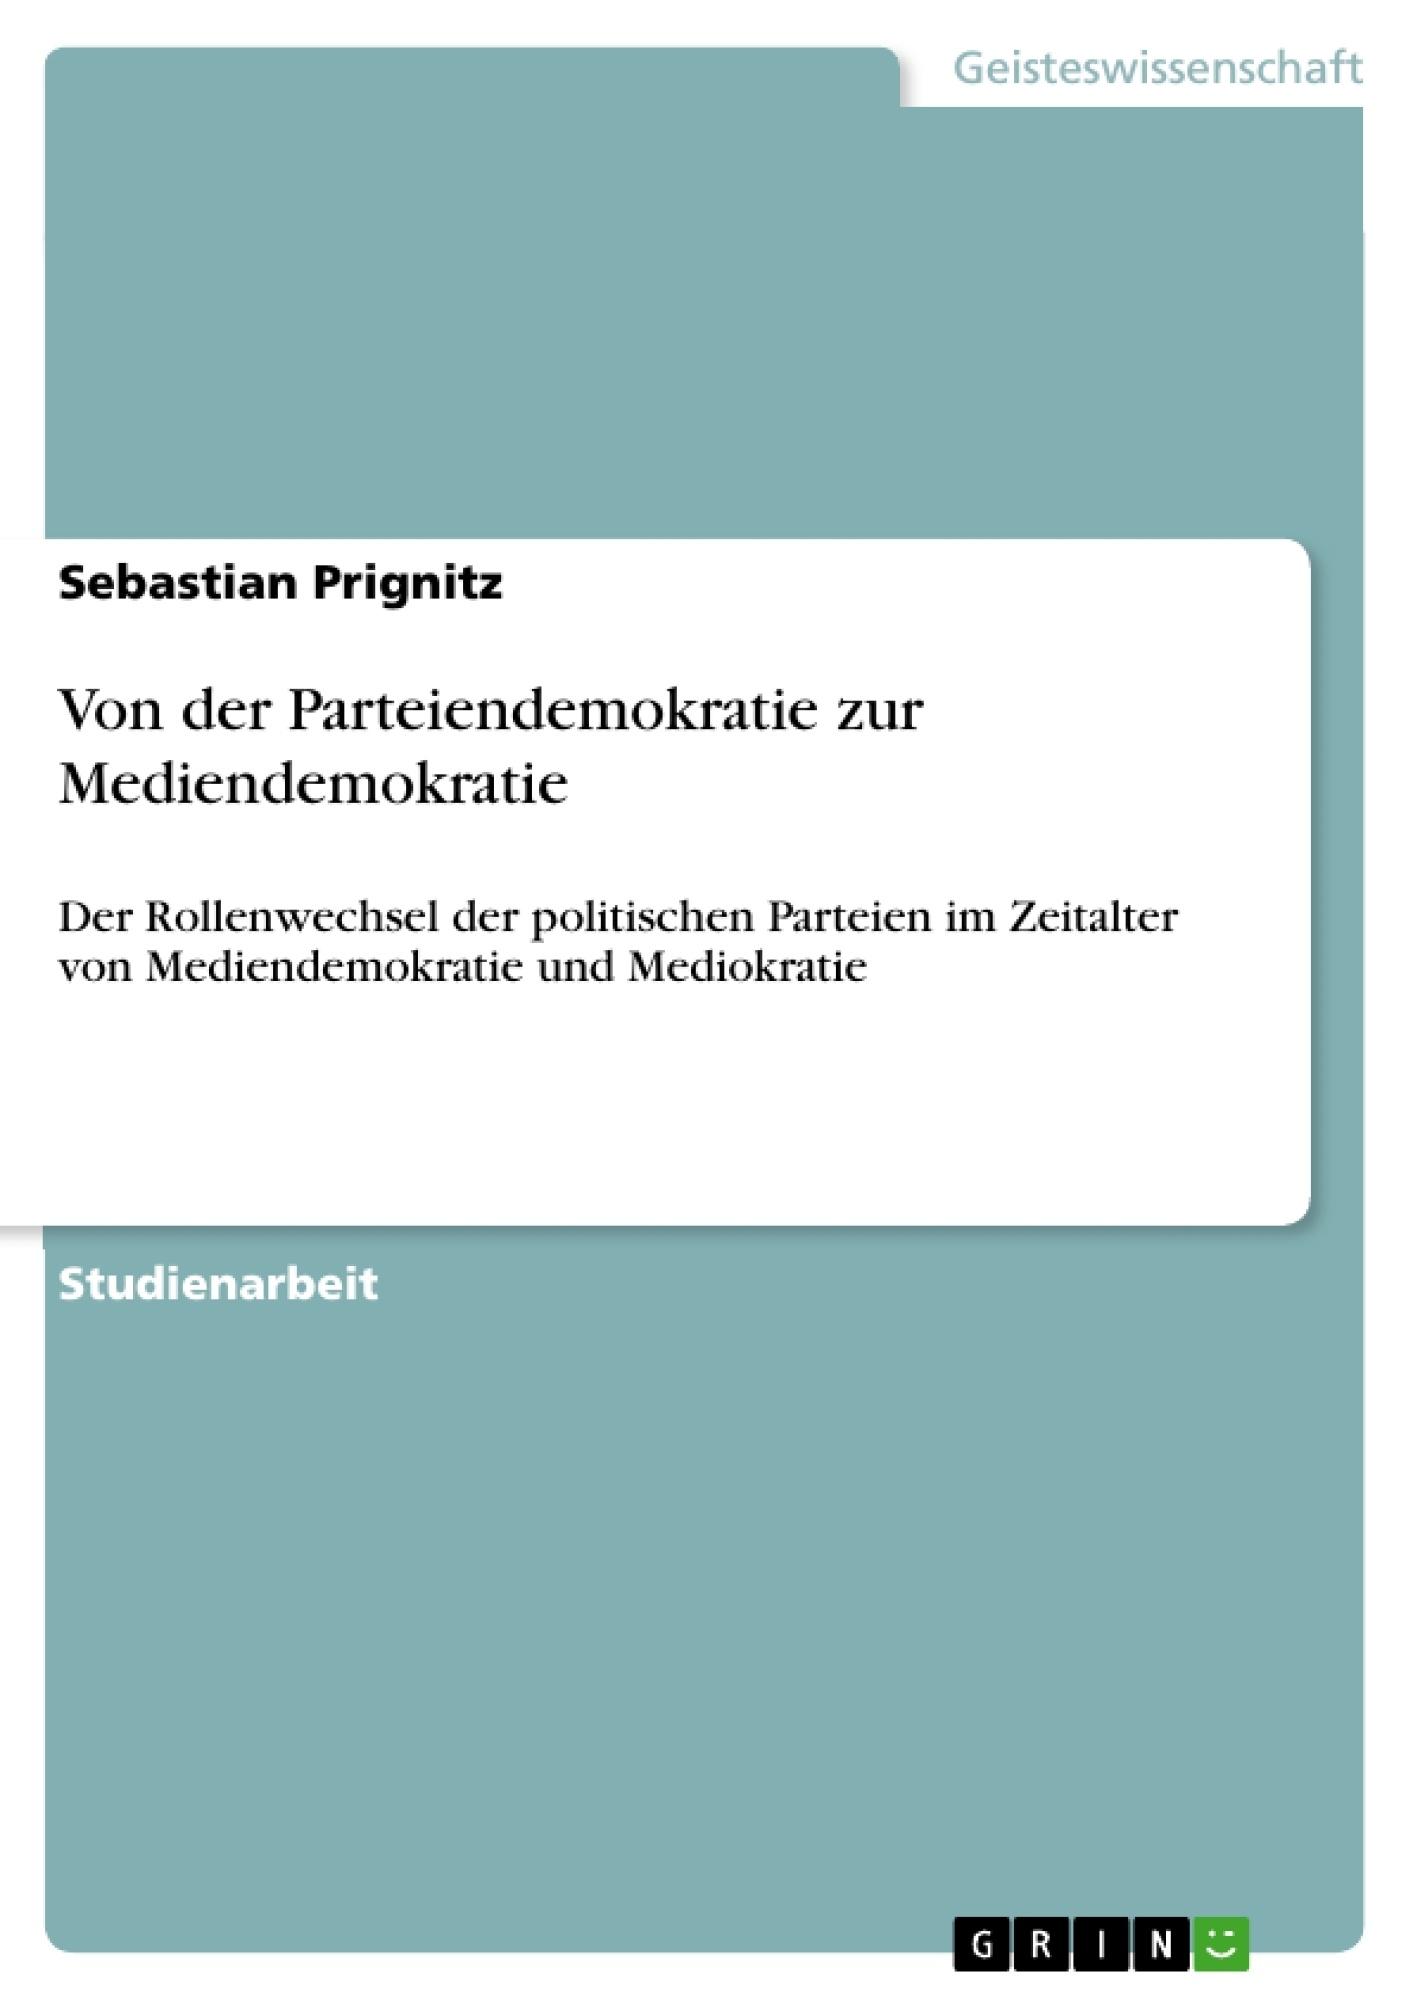 Titel: Von der Parteiendemokratie zur Mediendemokratie